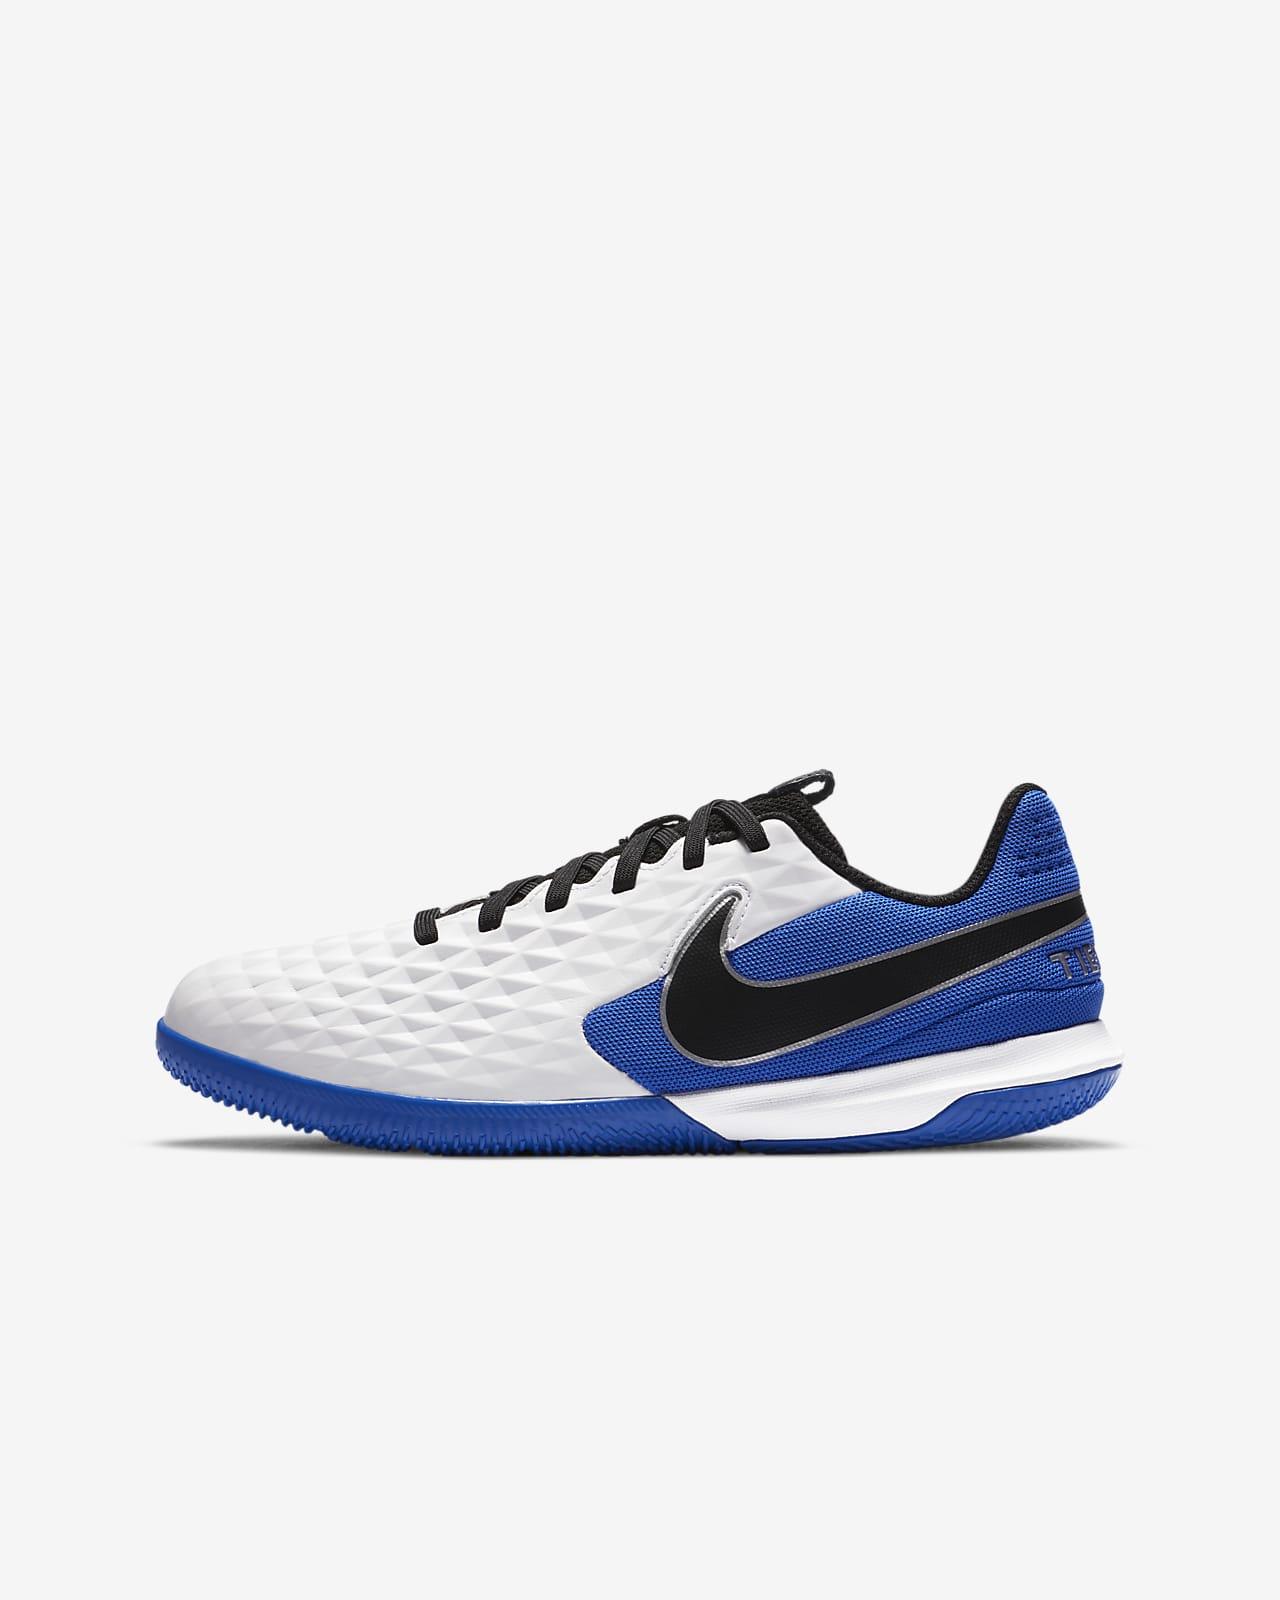 Nike Jr. Tiempo Legend 8 Academy IC Botas de fútbol sala - Niño/a y niño/a pequeño/a